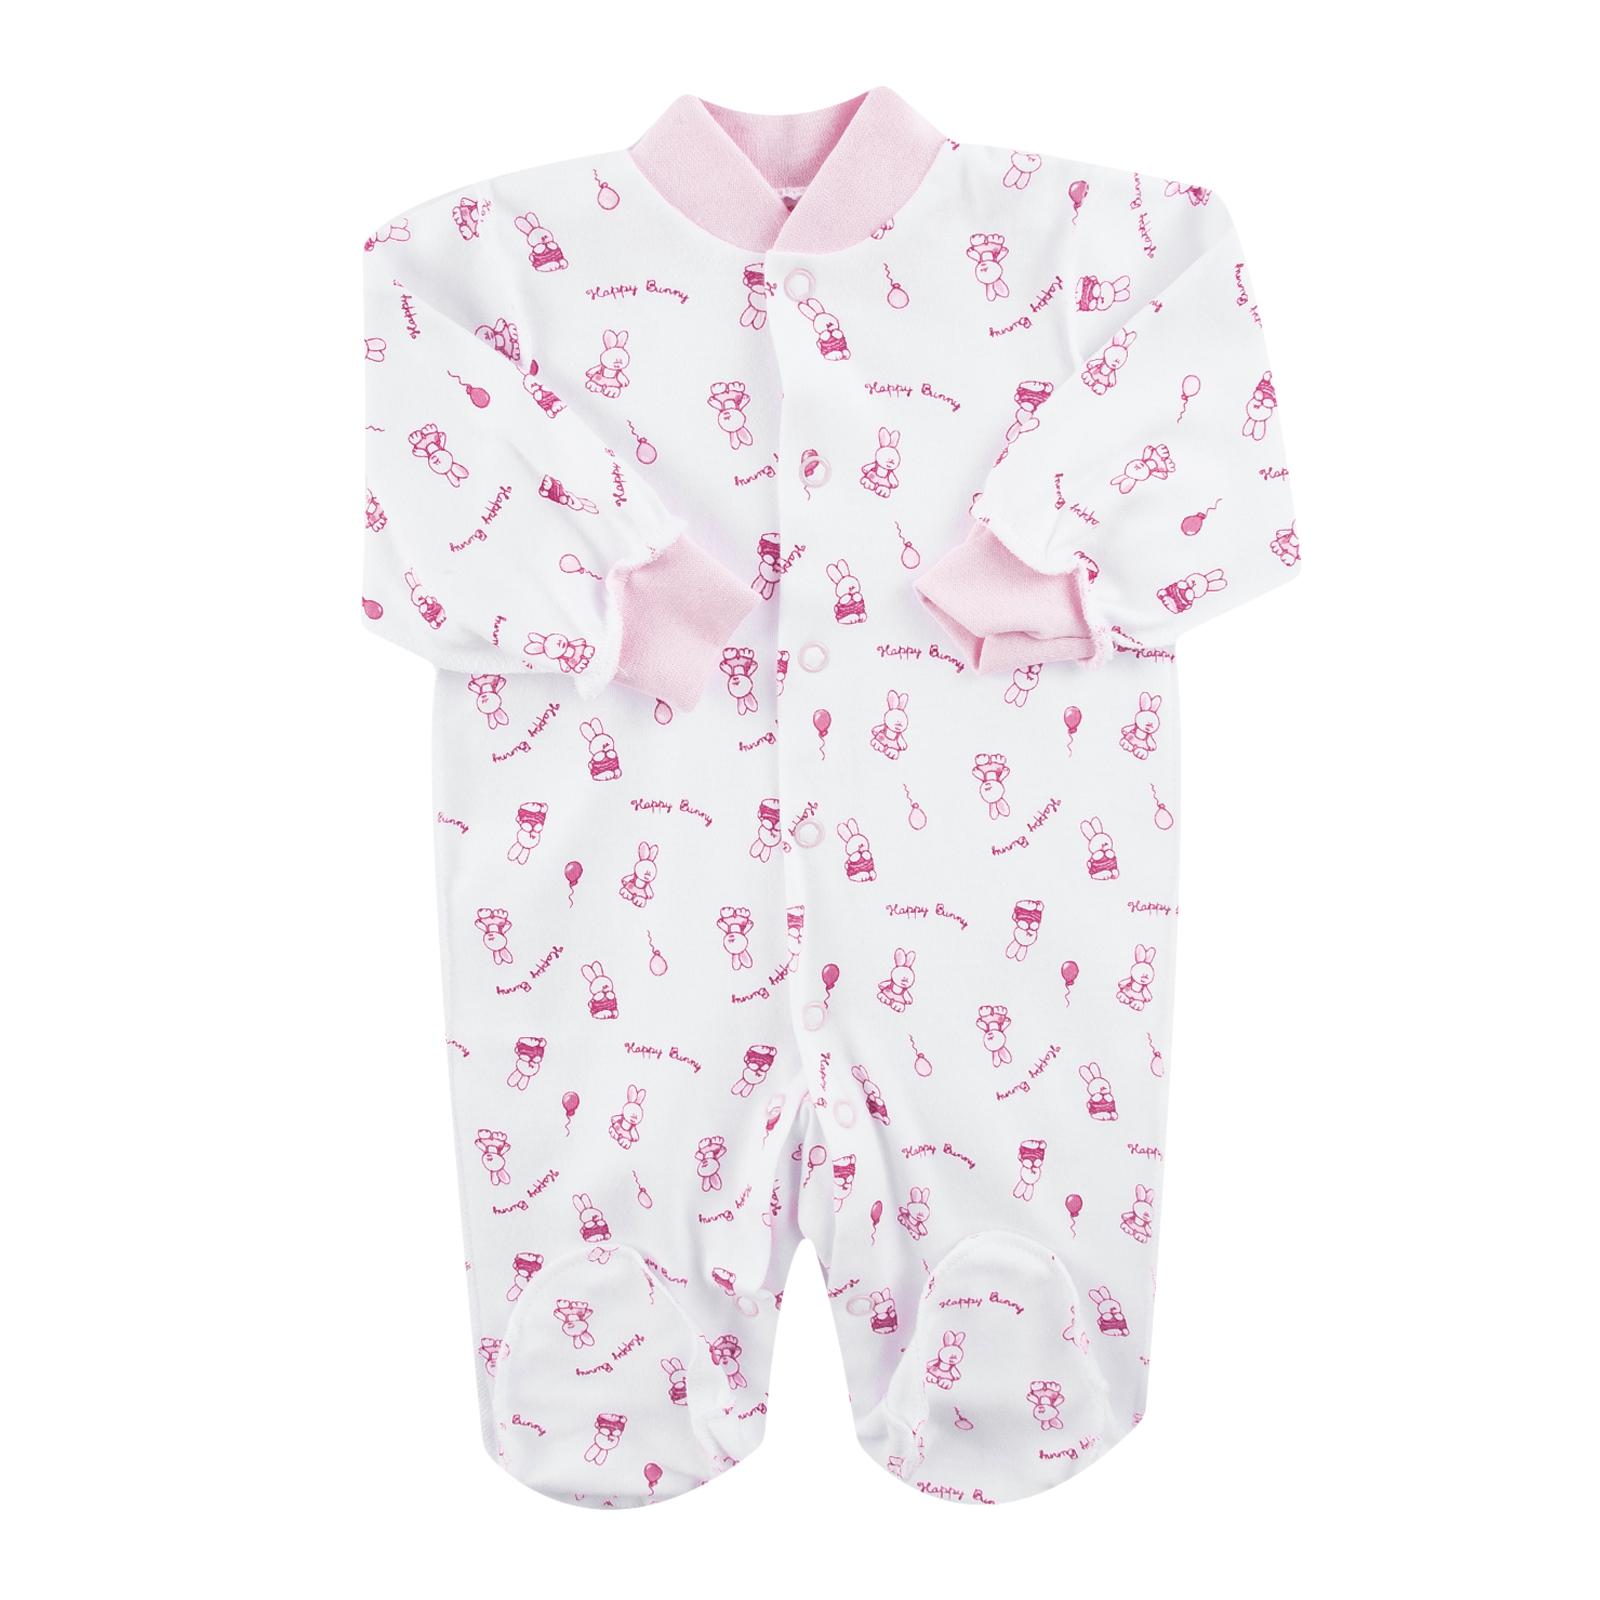 Комбинезон КОТМАРКОТ для девочки, цвет набивка розовый тон 1 год (размер 86)<br>